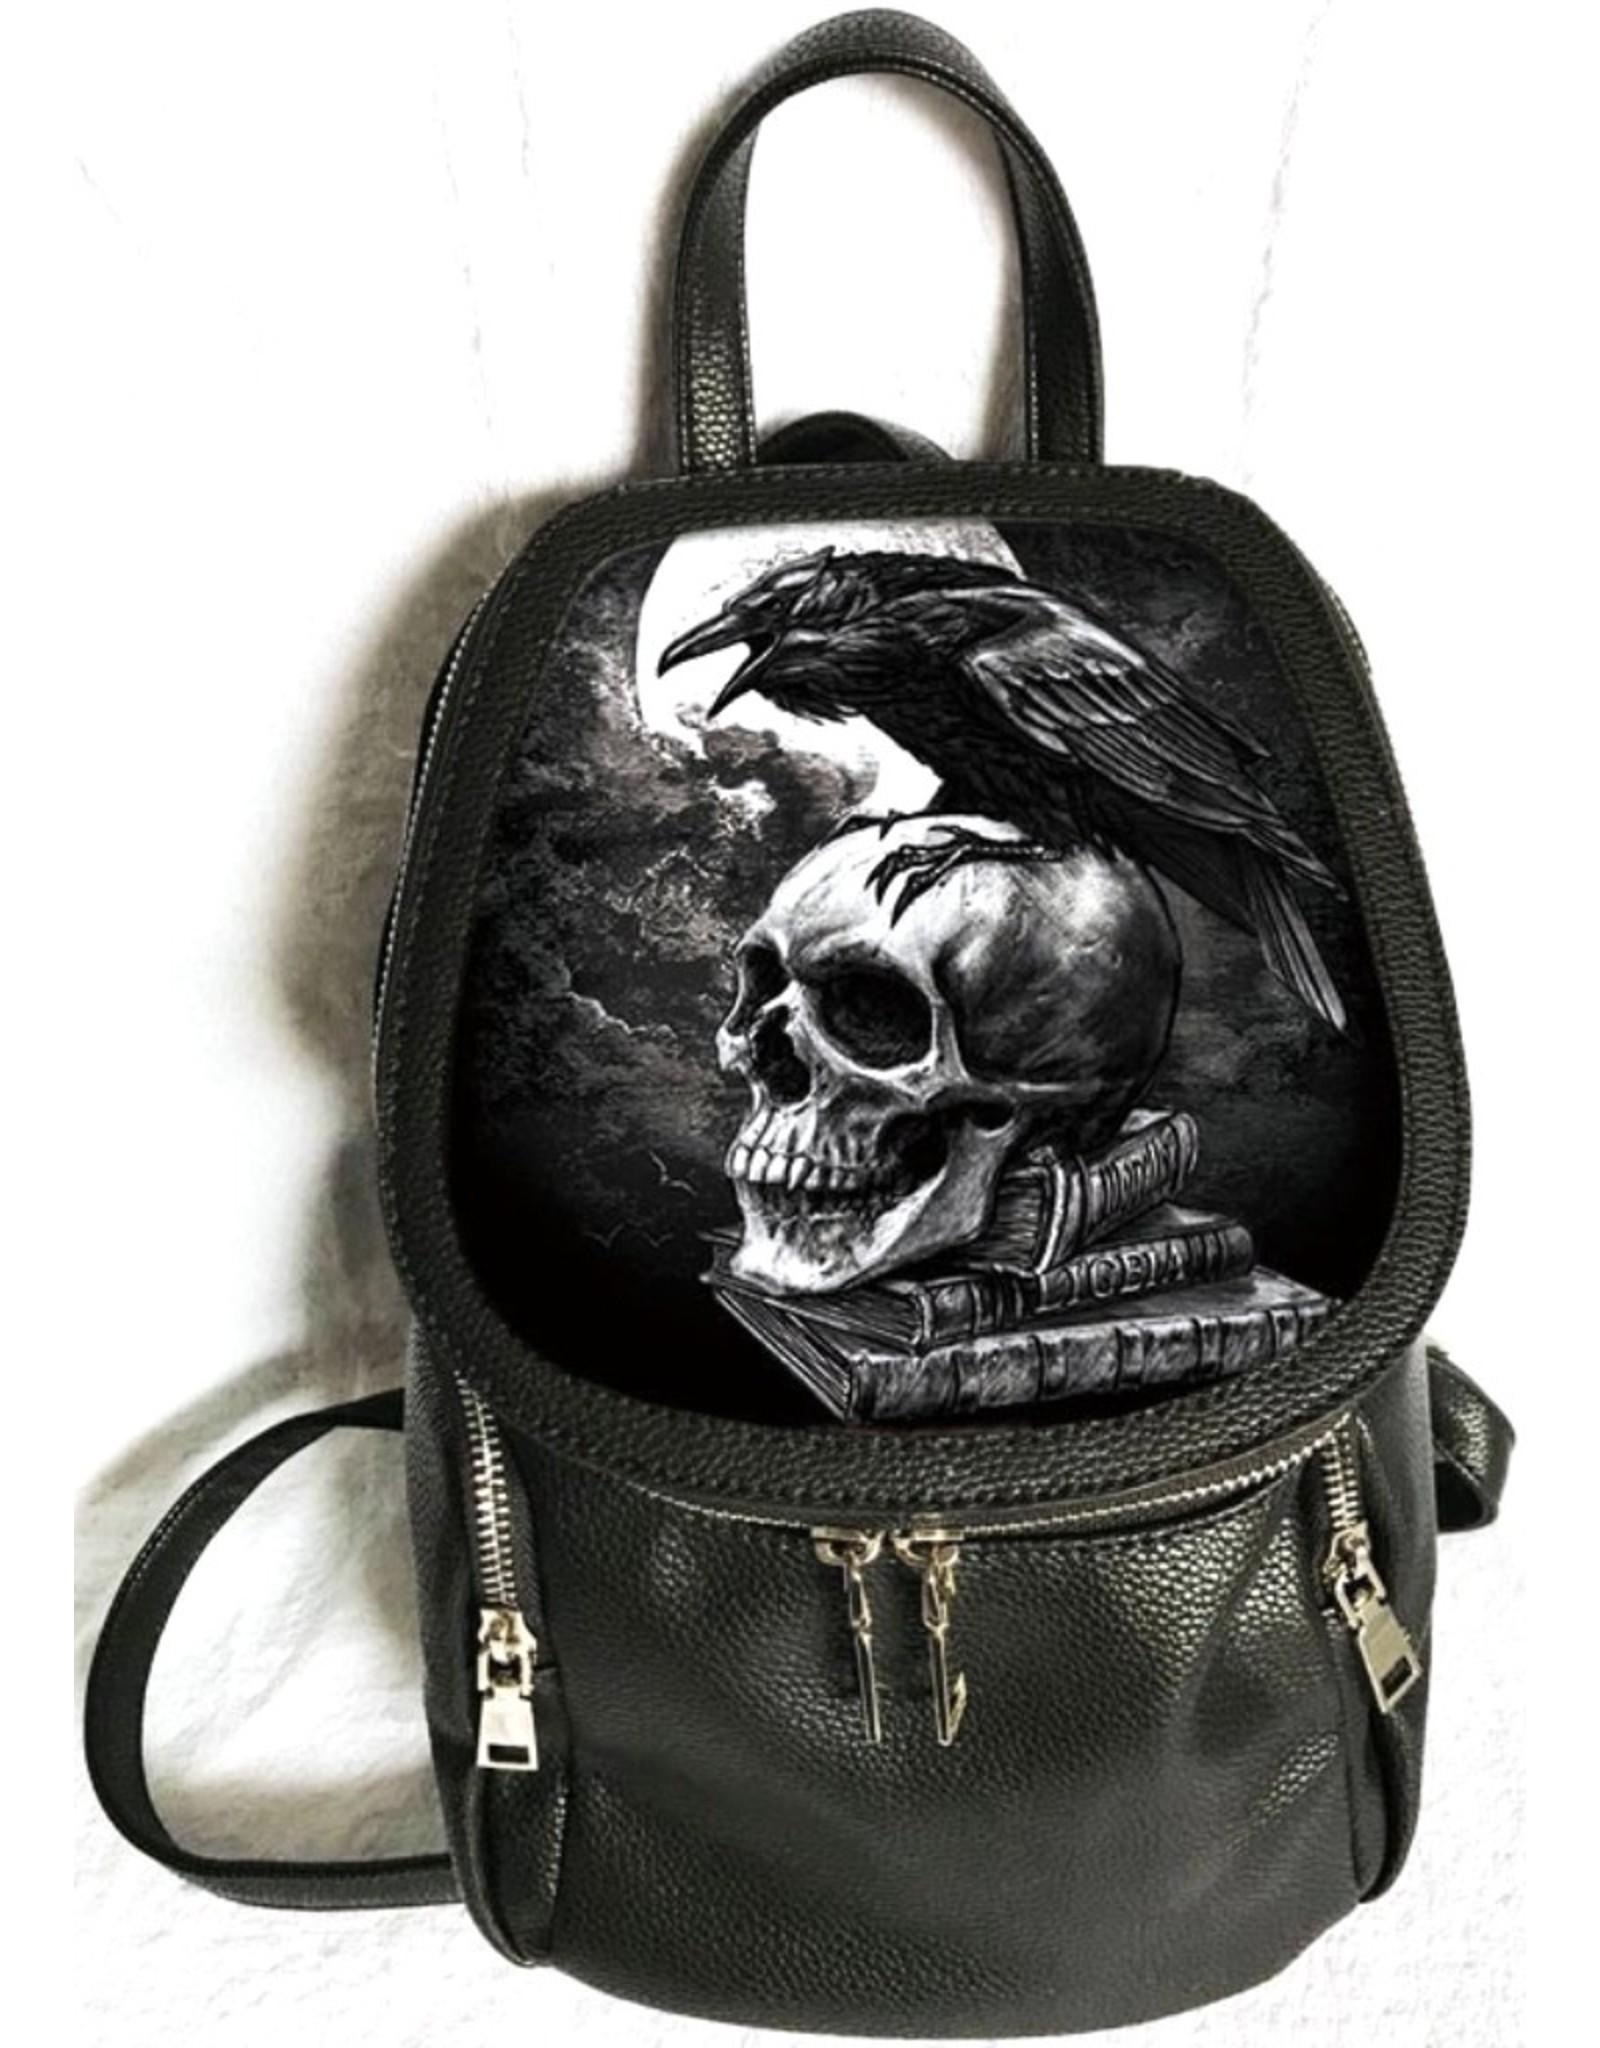 Alchemy Gothic tassen Steampunk tassen - Alchemy Poe's Raven 3D rugzak Raaf op de Schedel